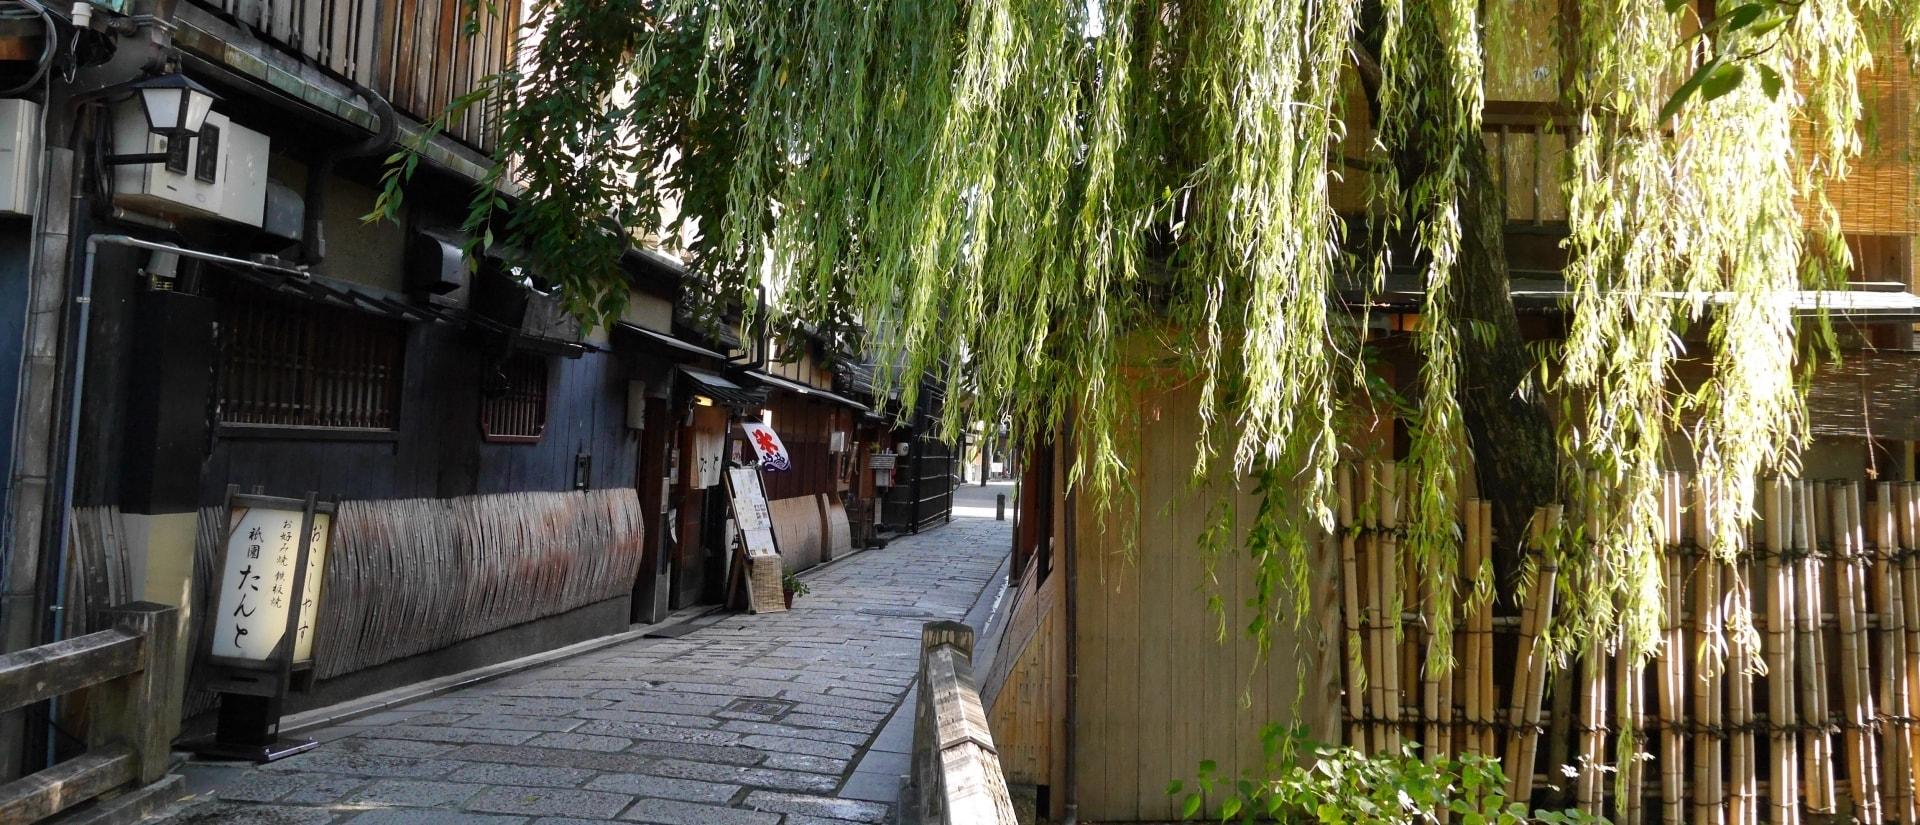 京都の景観のイメージ